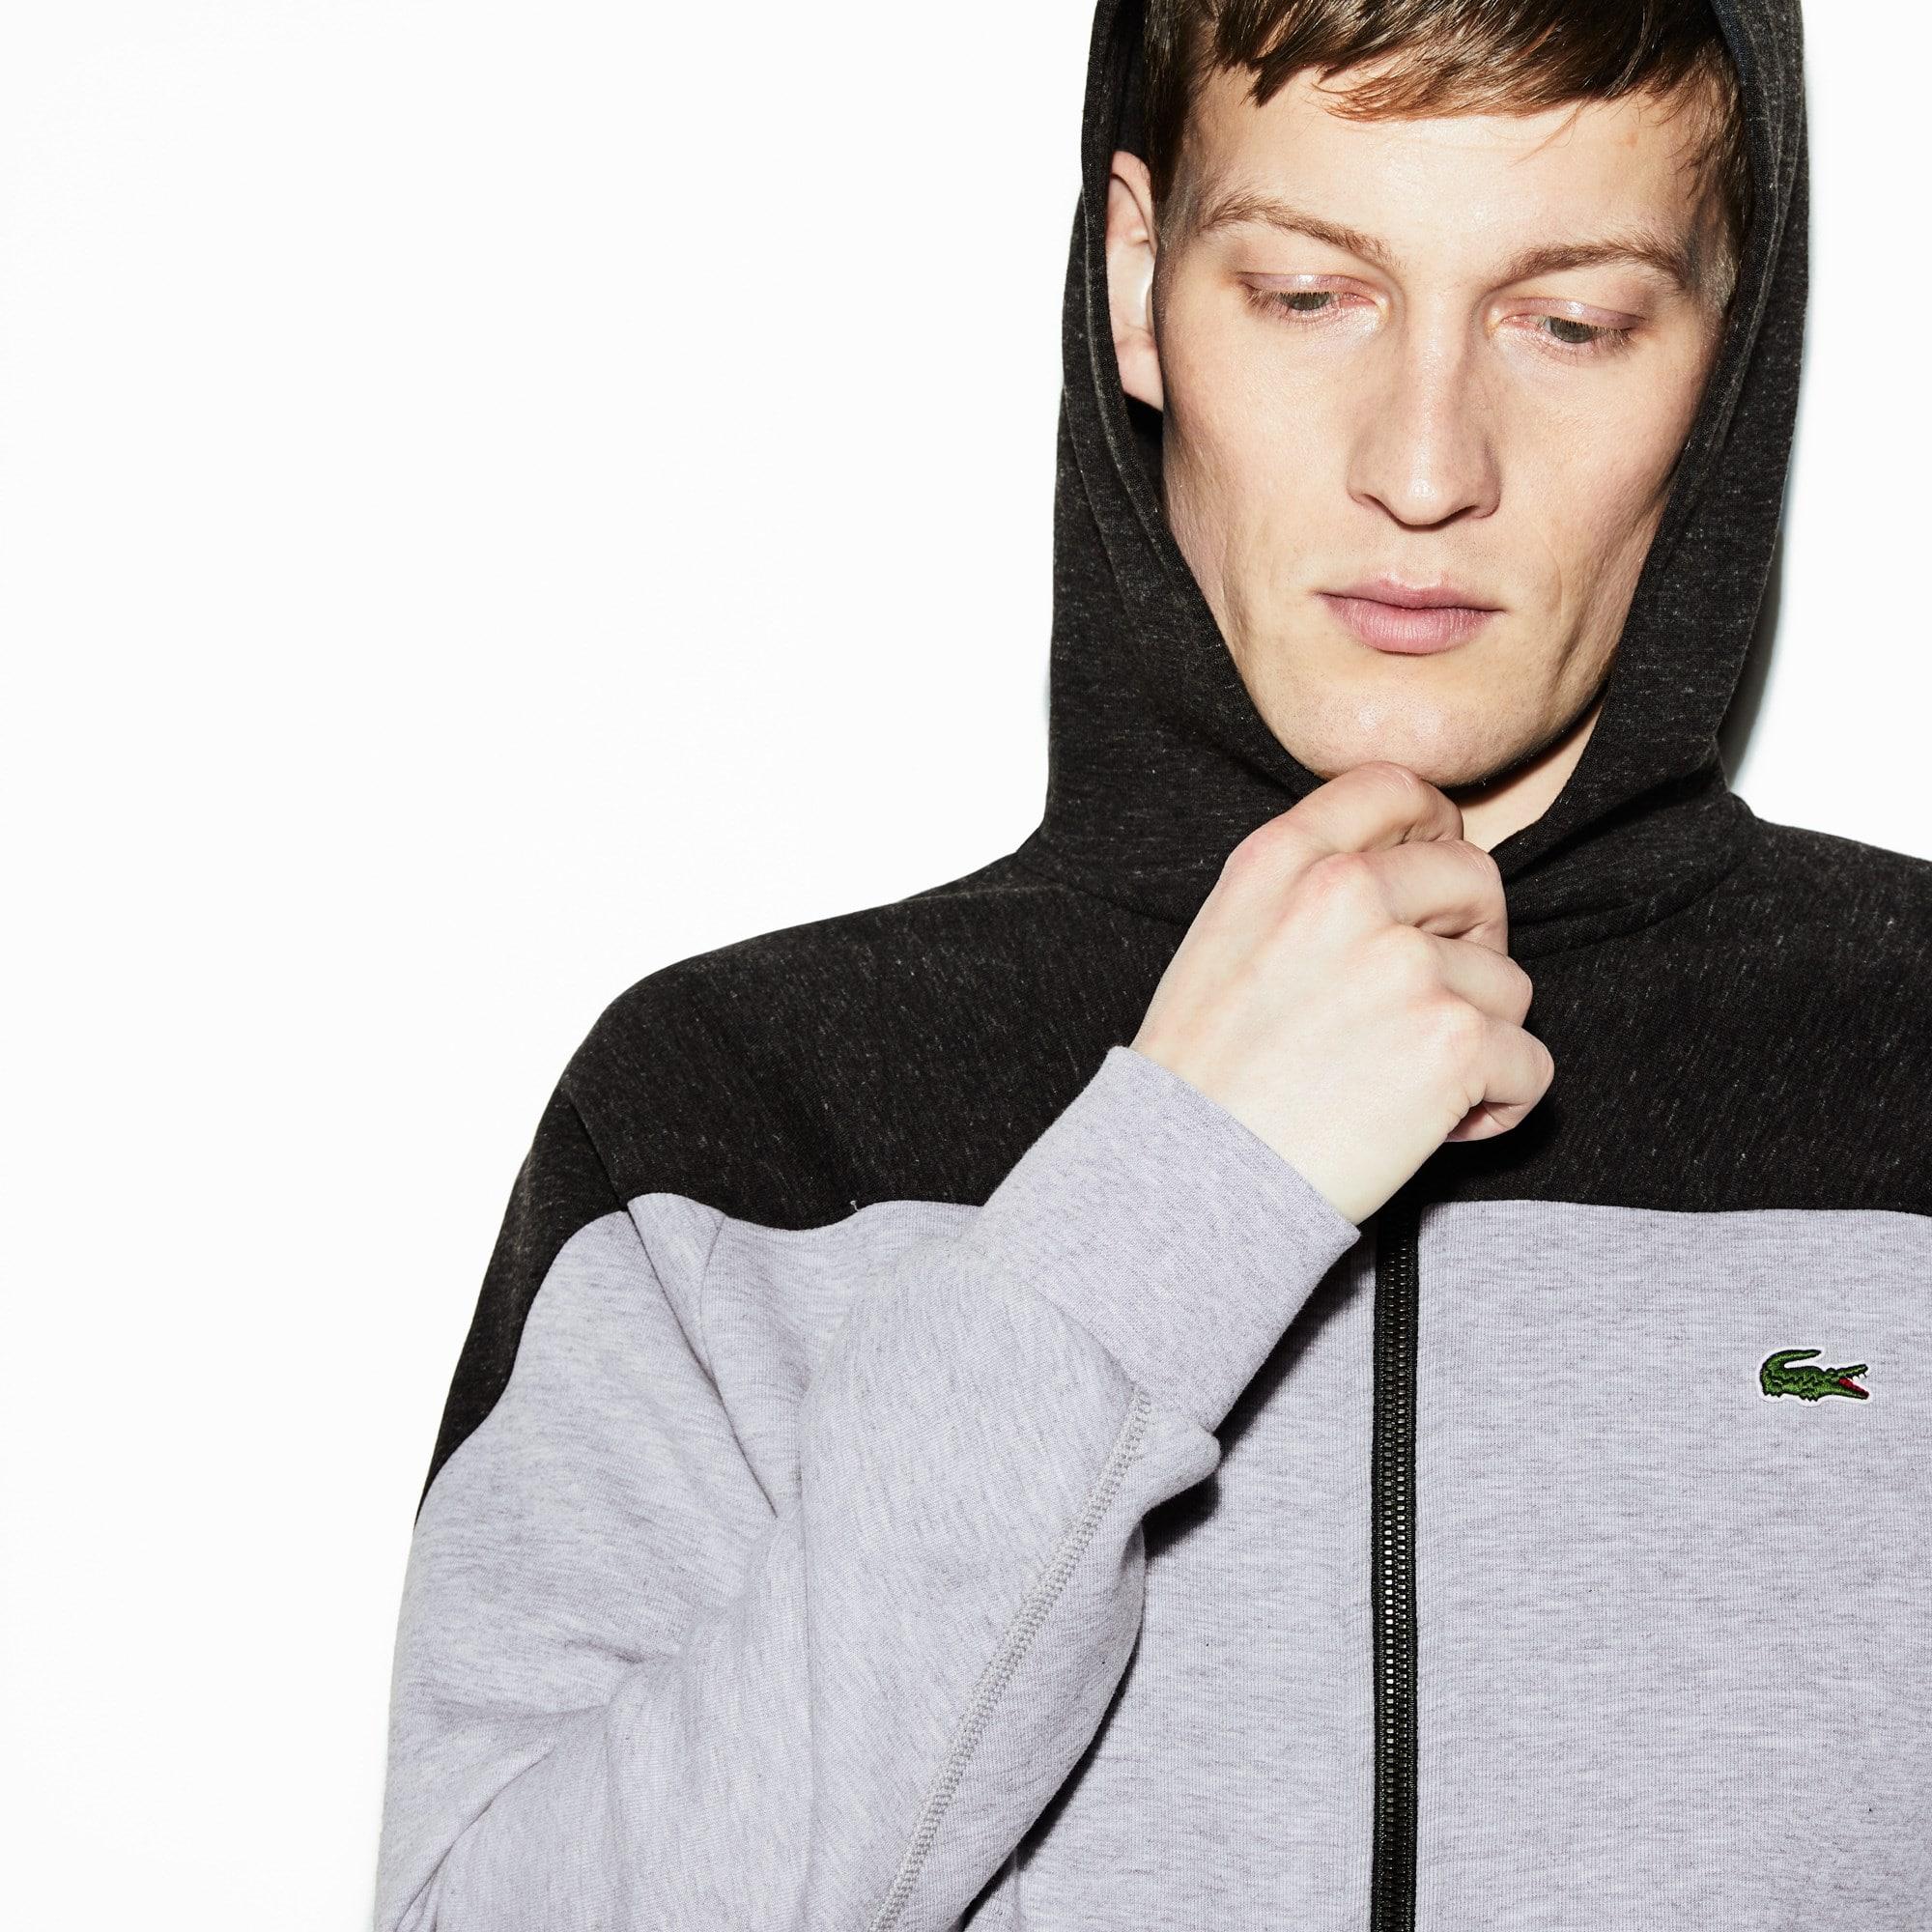 098961b9fb + 1 couleur · Sweatshirt zippé à capuche Lacoste SPORT ...